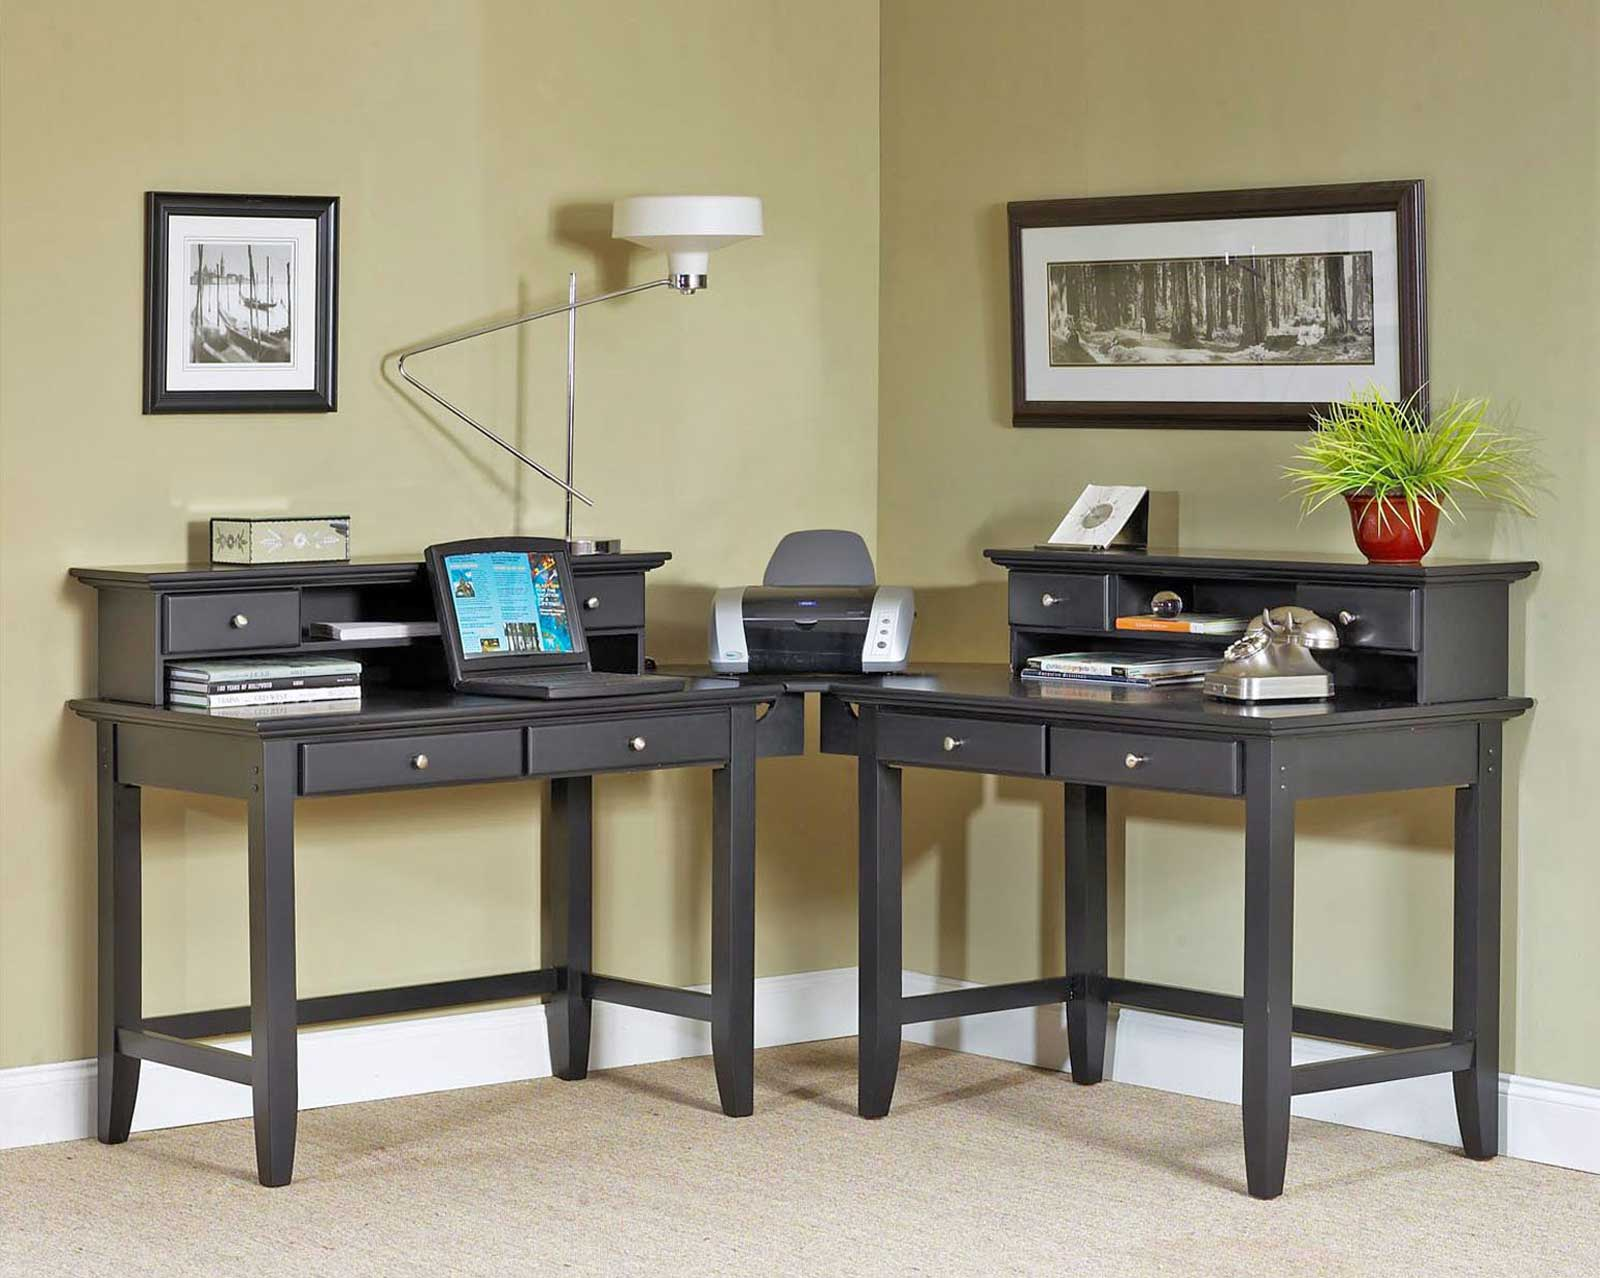 Bedford corner computer desks for home